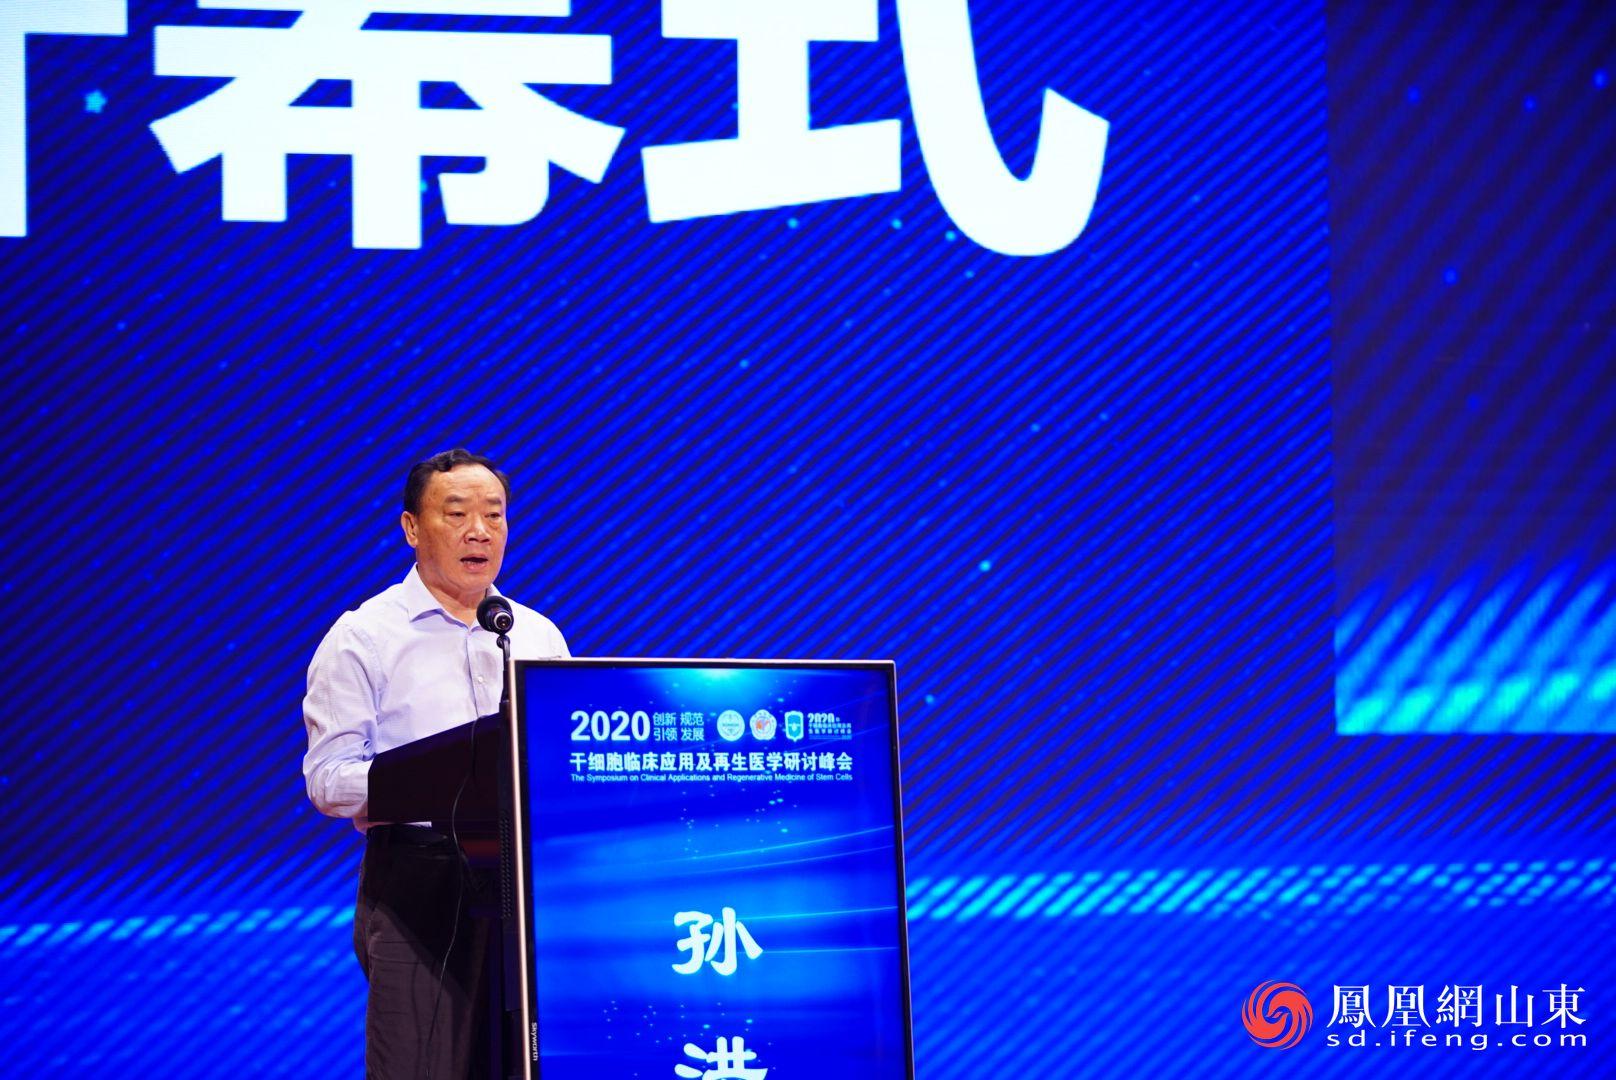 山东省医师协会会长孙洪军:干细胞研究要大胆走创新之路 才有可能取得更多新成果